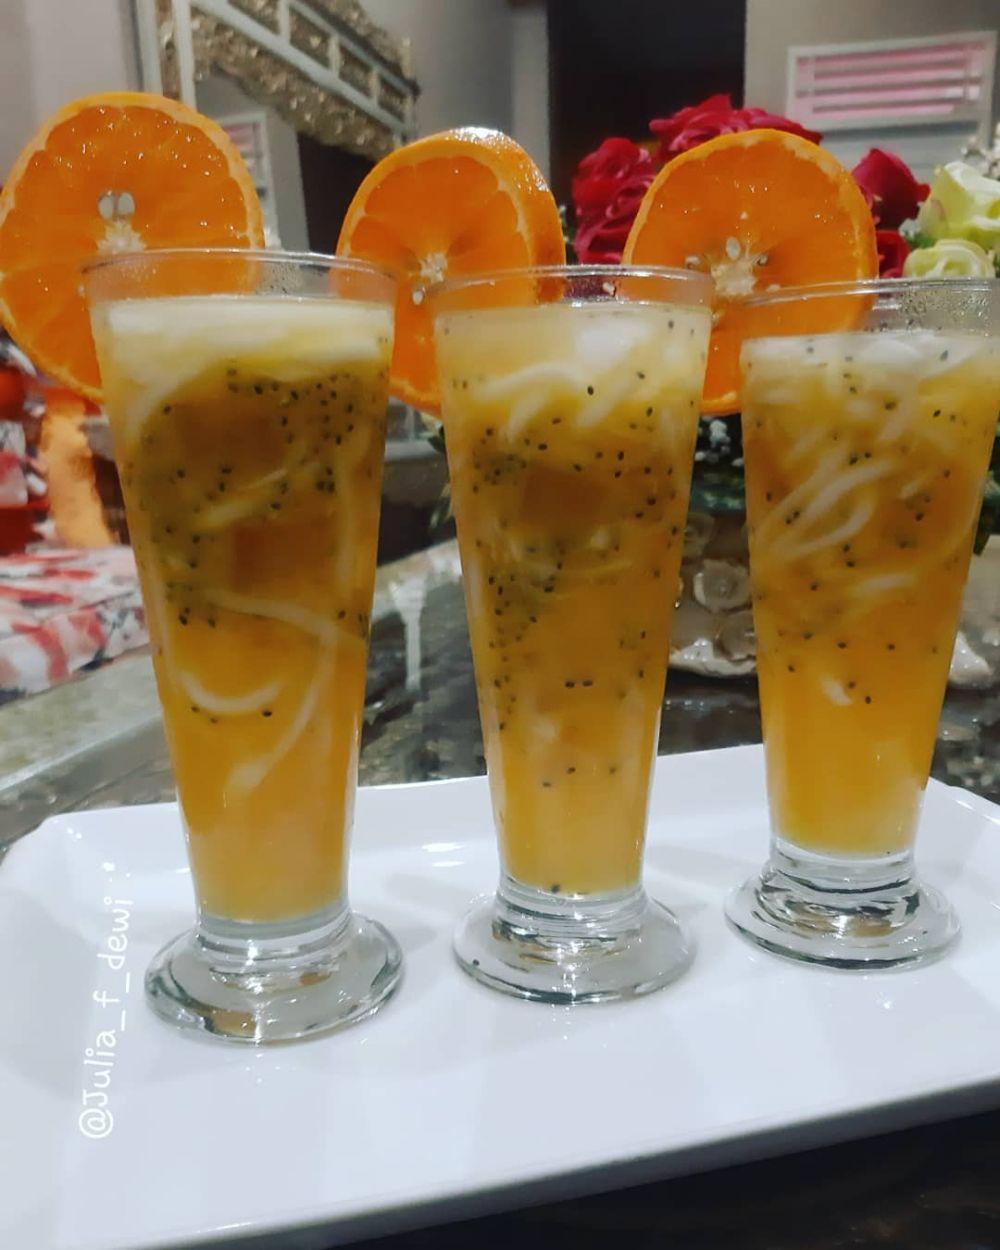 Resep minuman es segar tanpa santan © Instagram